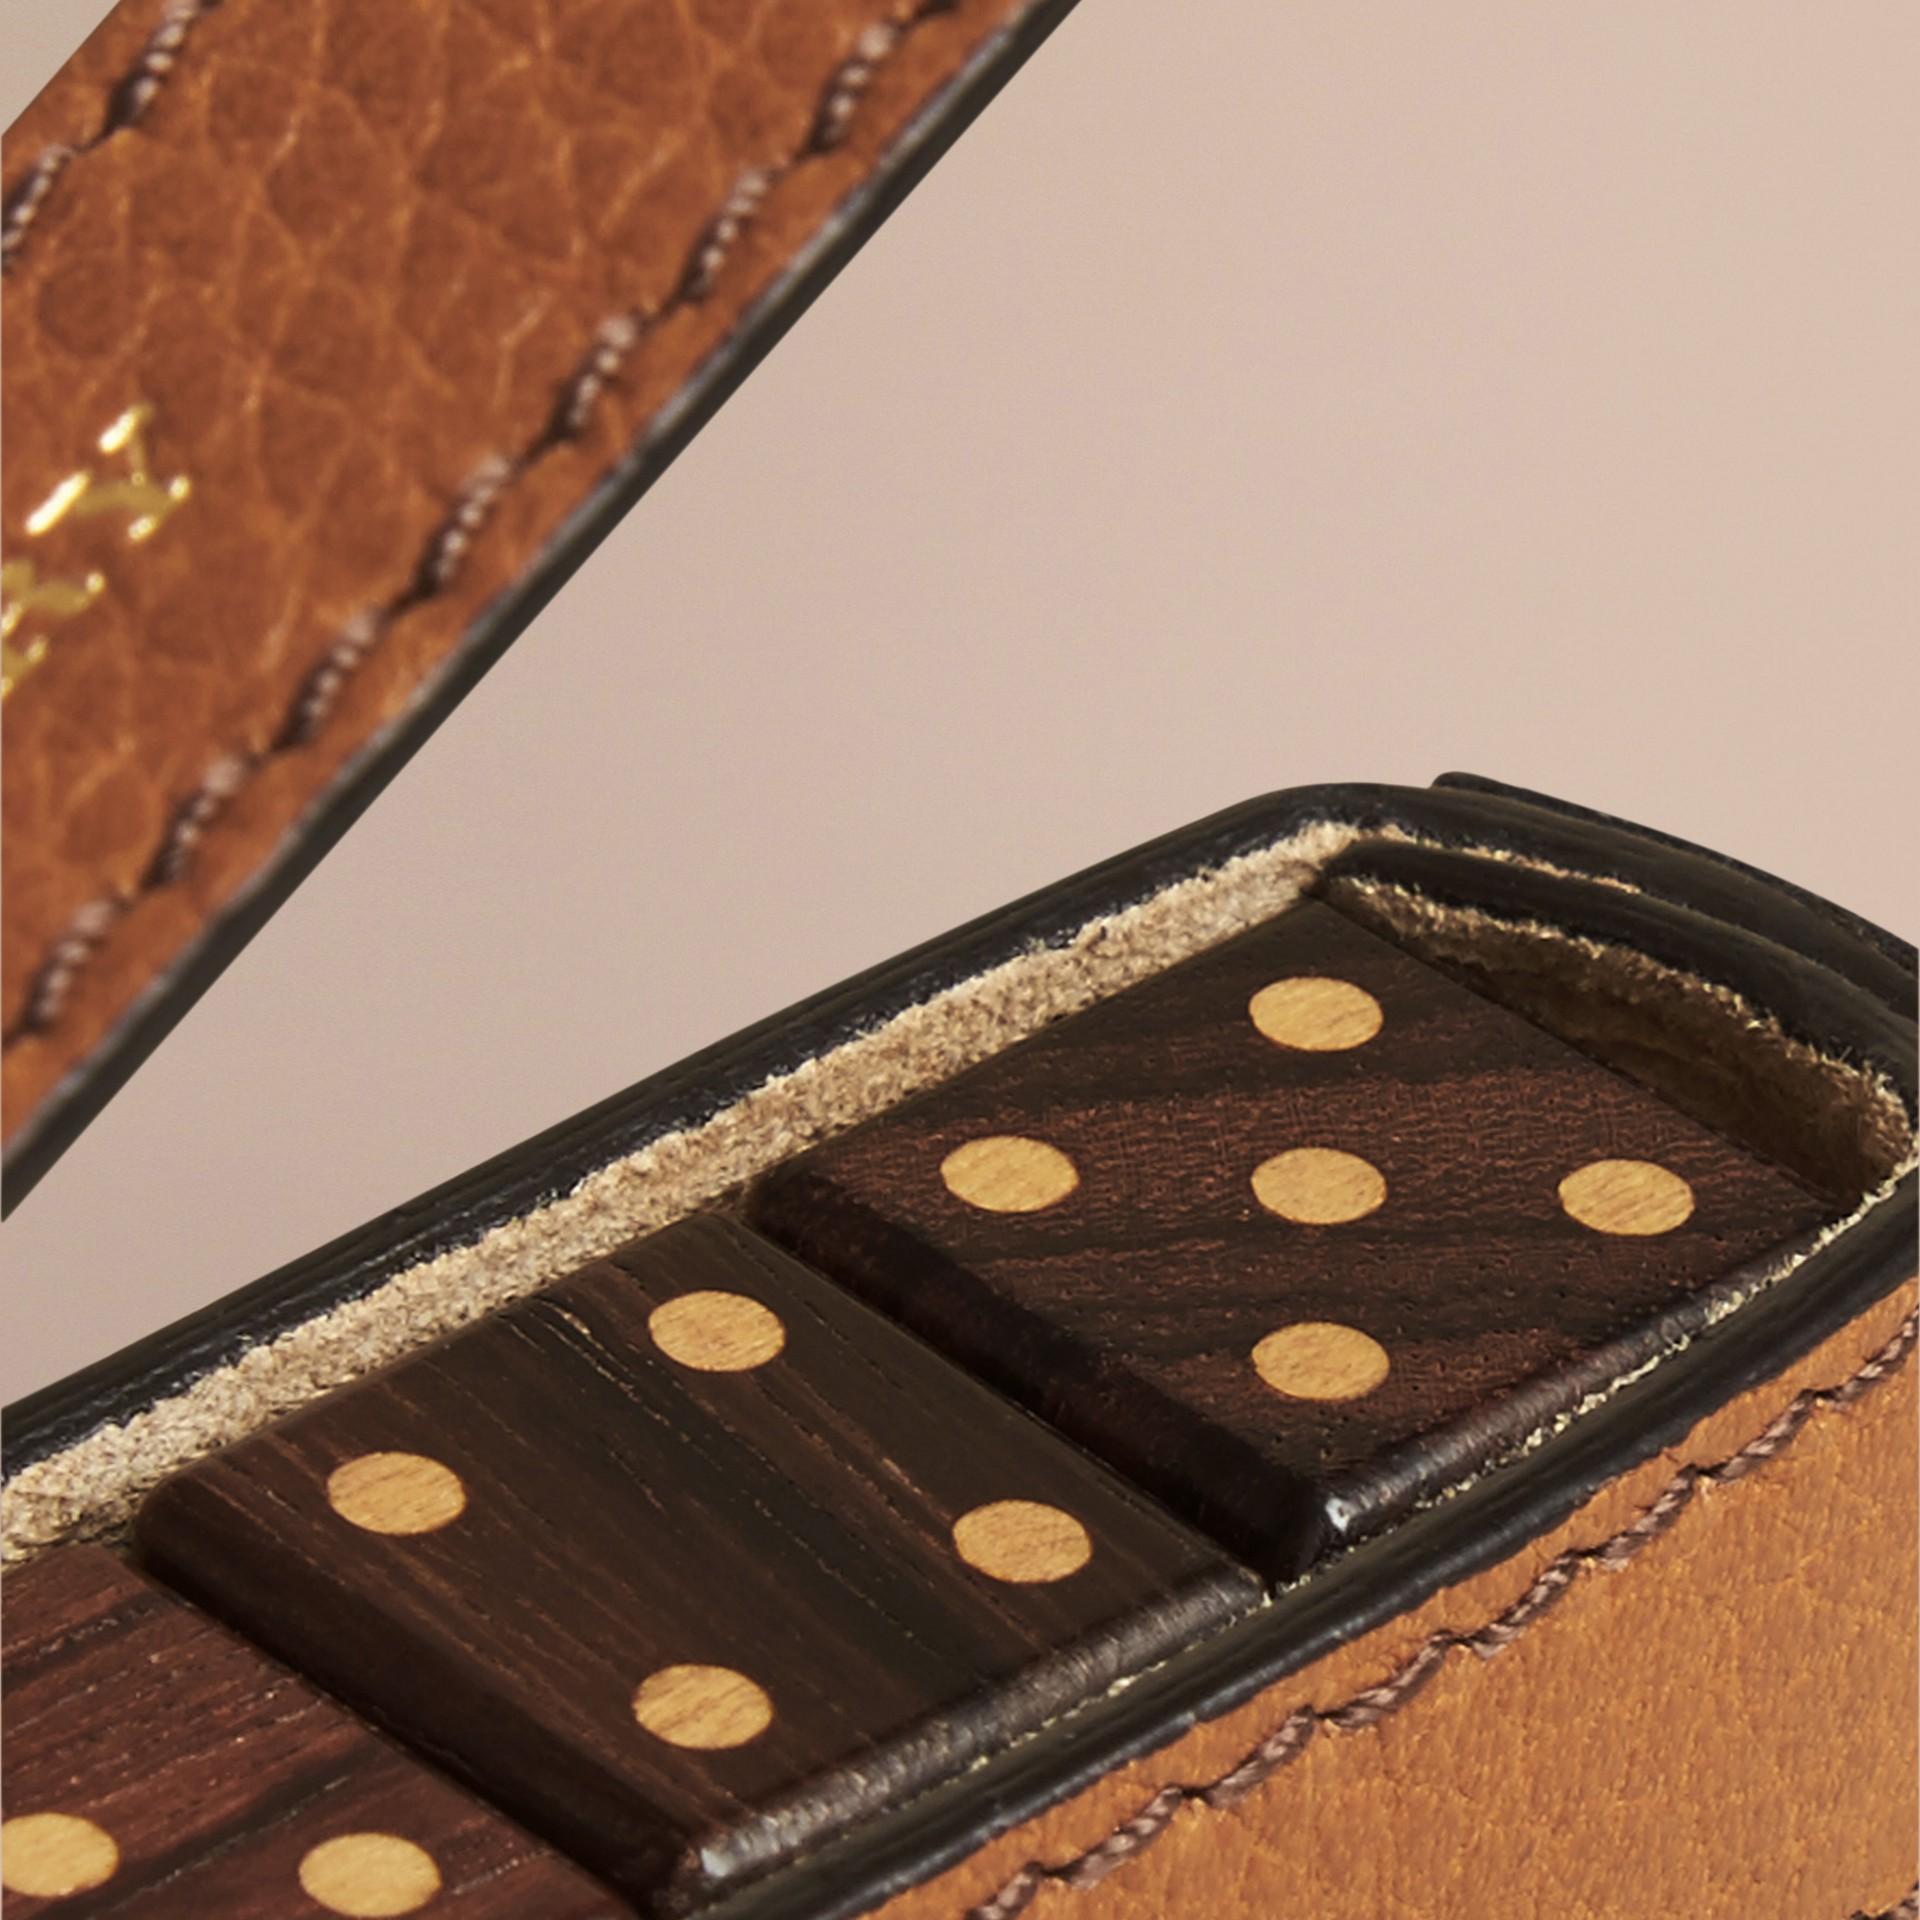 Marroncino Set dadi con custodia in pelle a grana Marroncino - immagine della galleria 2